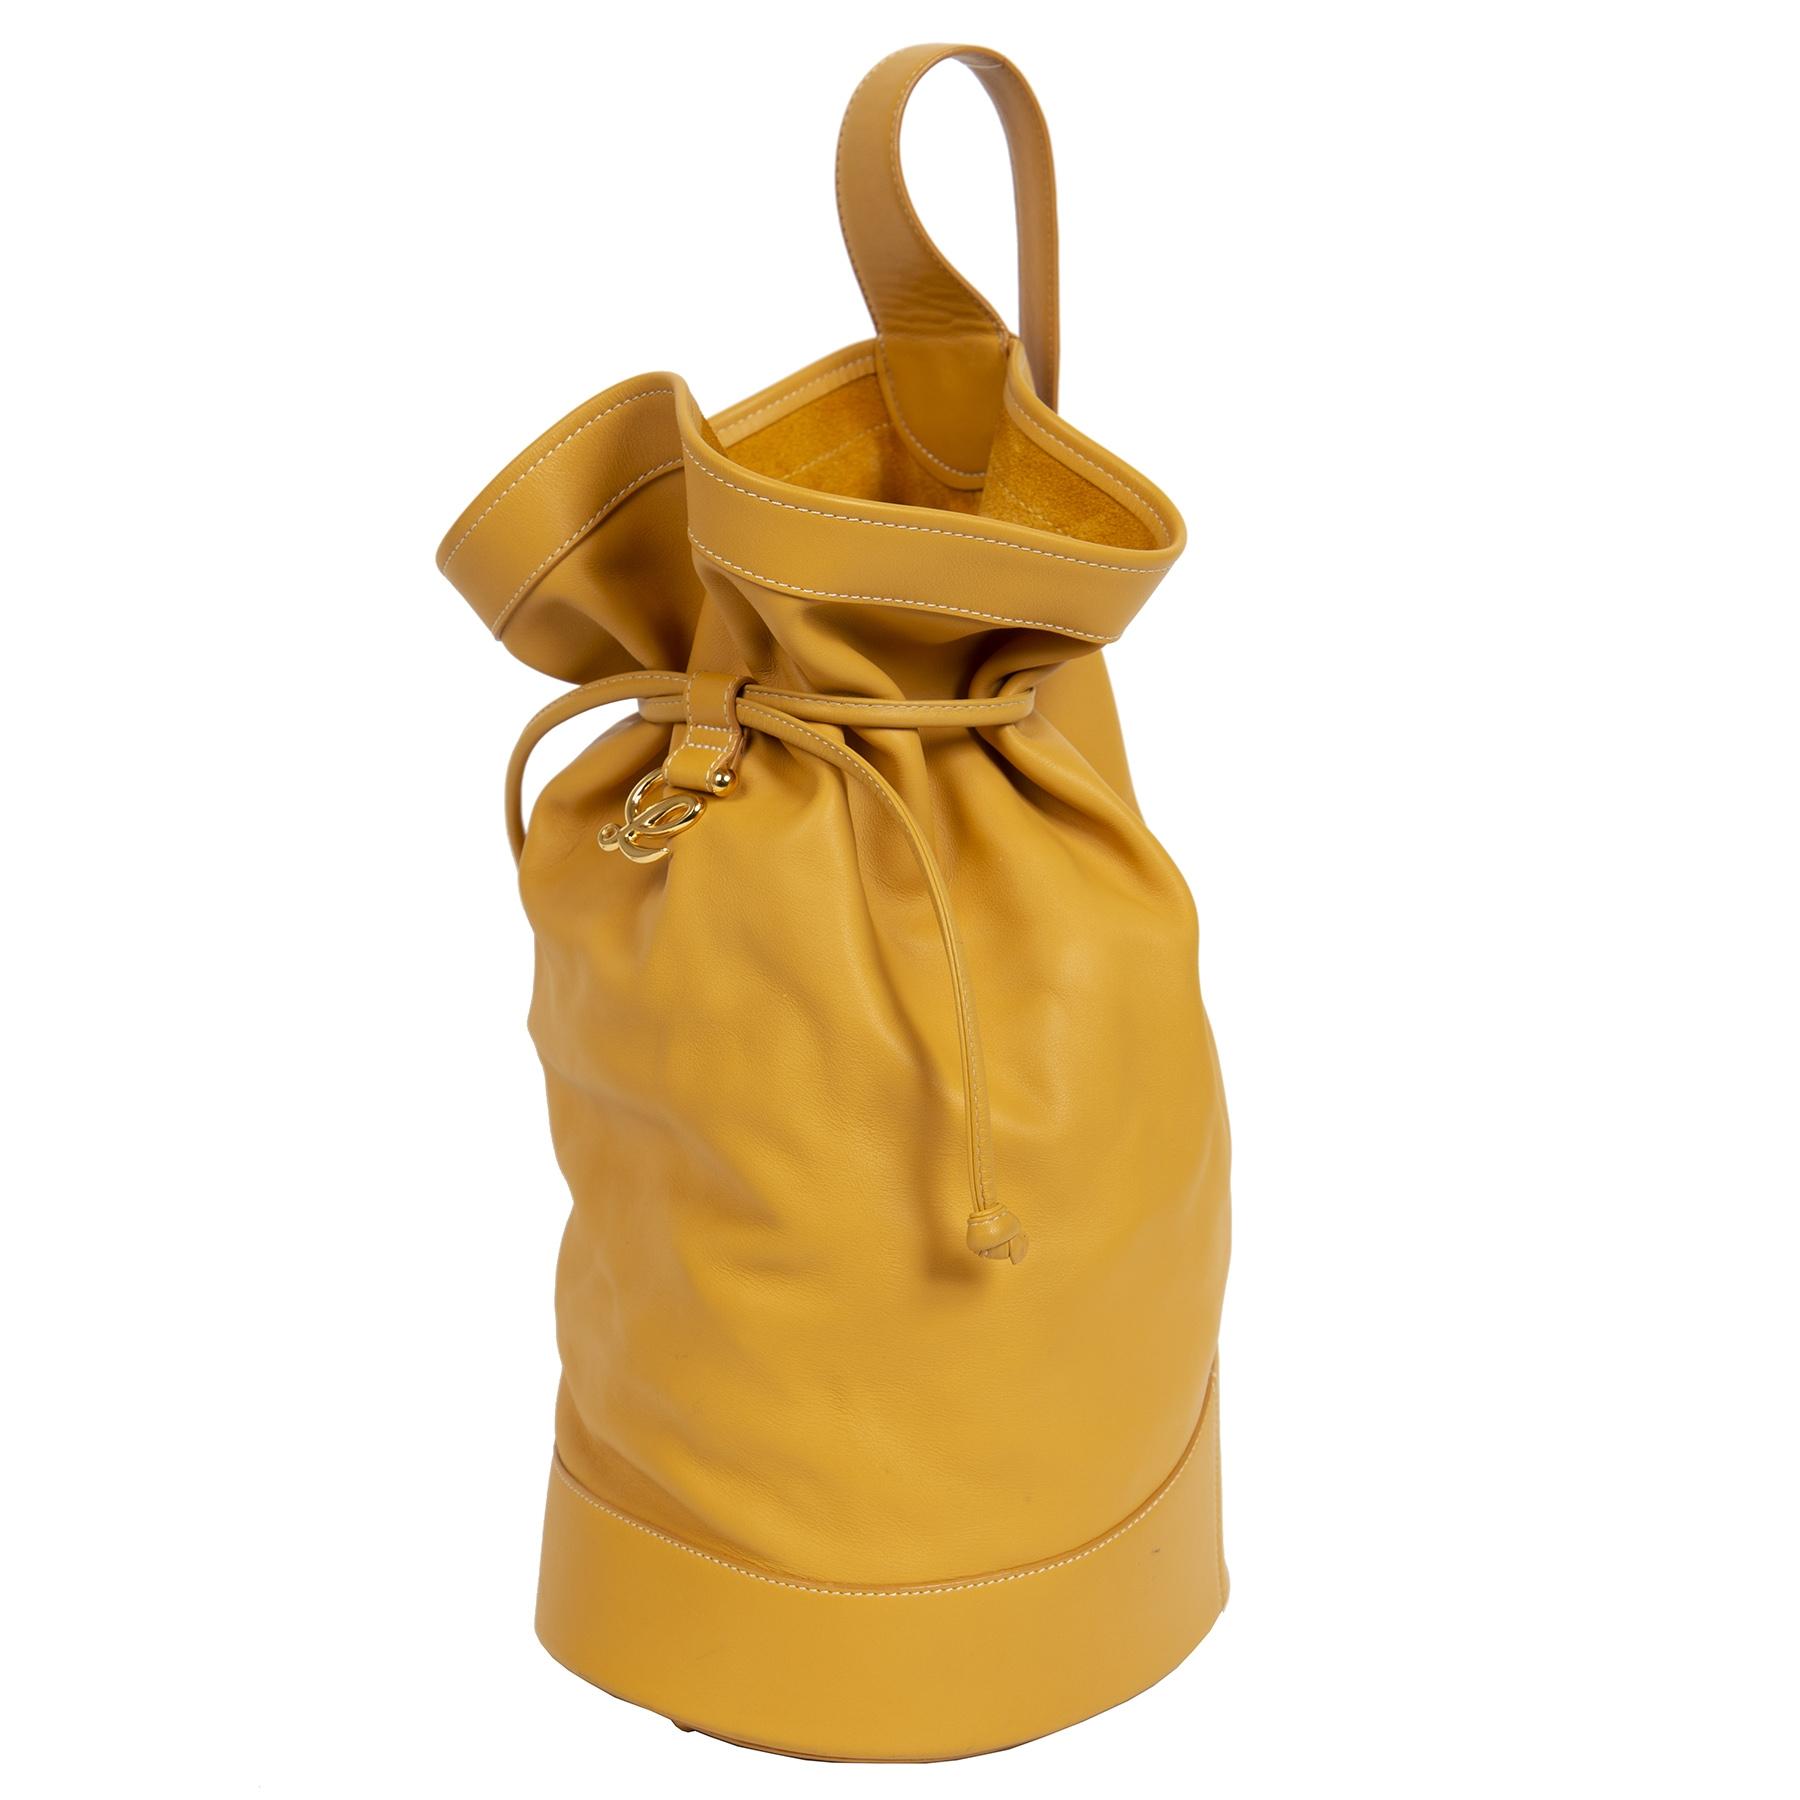 Authentieke Tweedehands Loewe Ochre Yellow Leather Bucket Bag juiste prijs veilig online shoppen luxe merken webshop winkelen Antwerpen België mode fashion